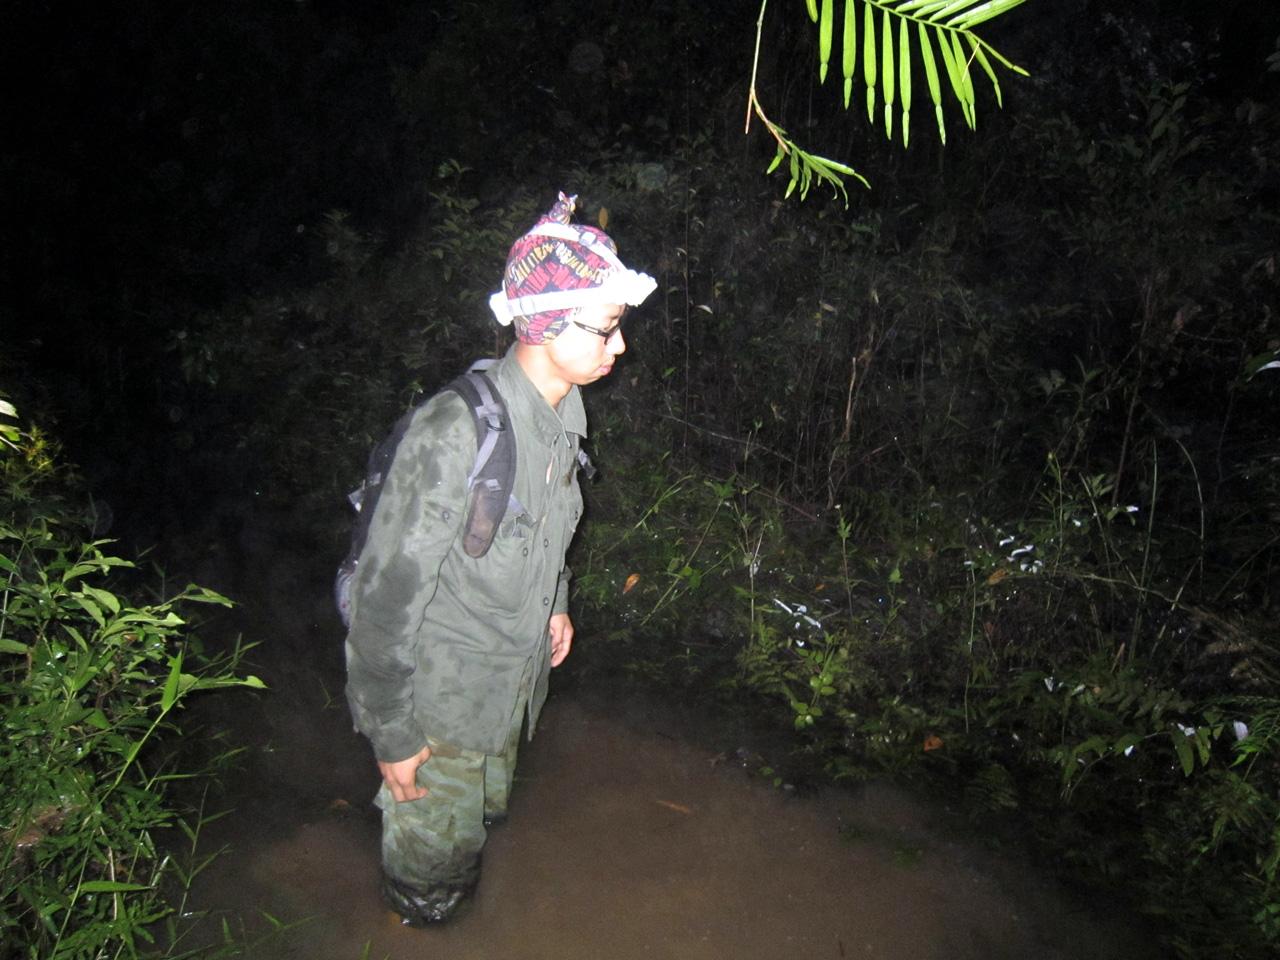 Ly kỳ chuyện đêm lạnh đi tìm loài thạch sùng mí bí ẩn ở Vịnh Hạ Long - Ảnh 4.